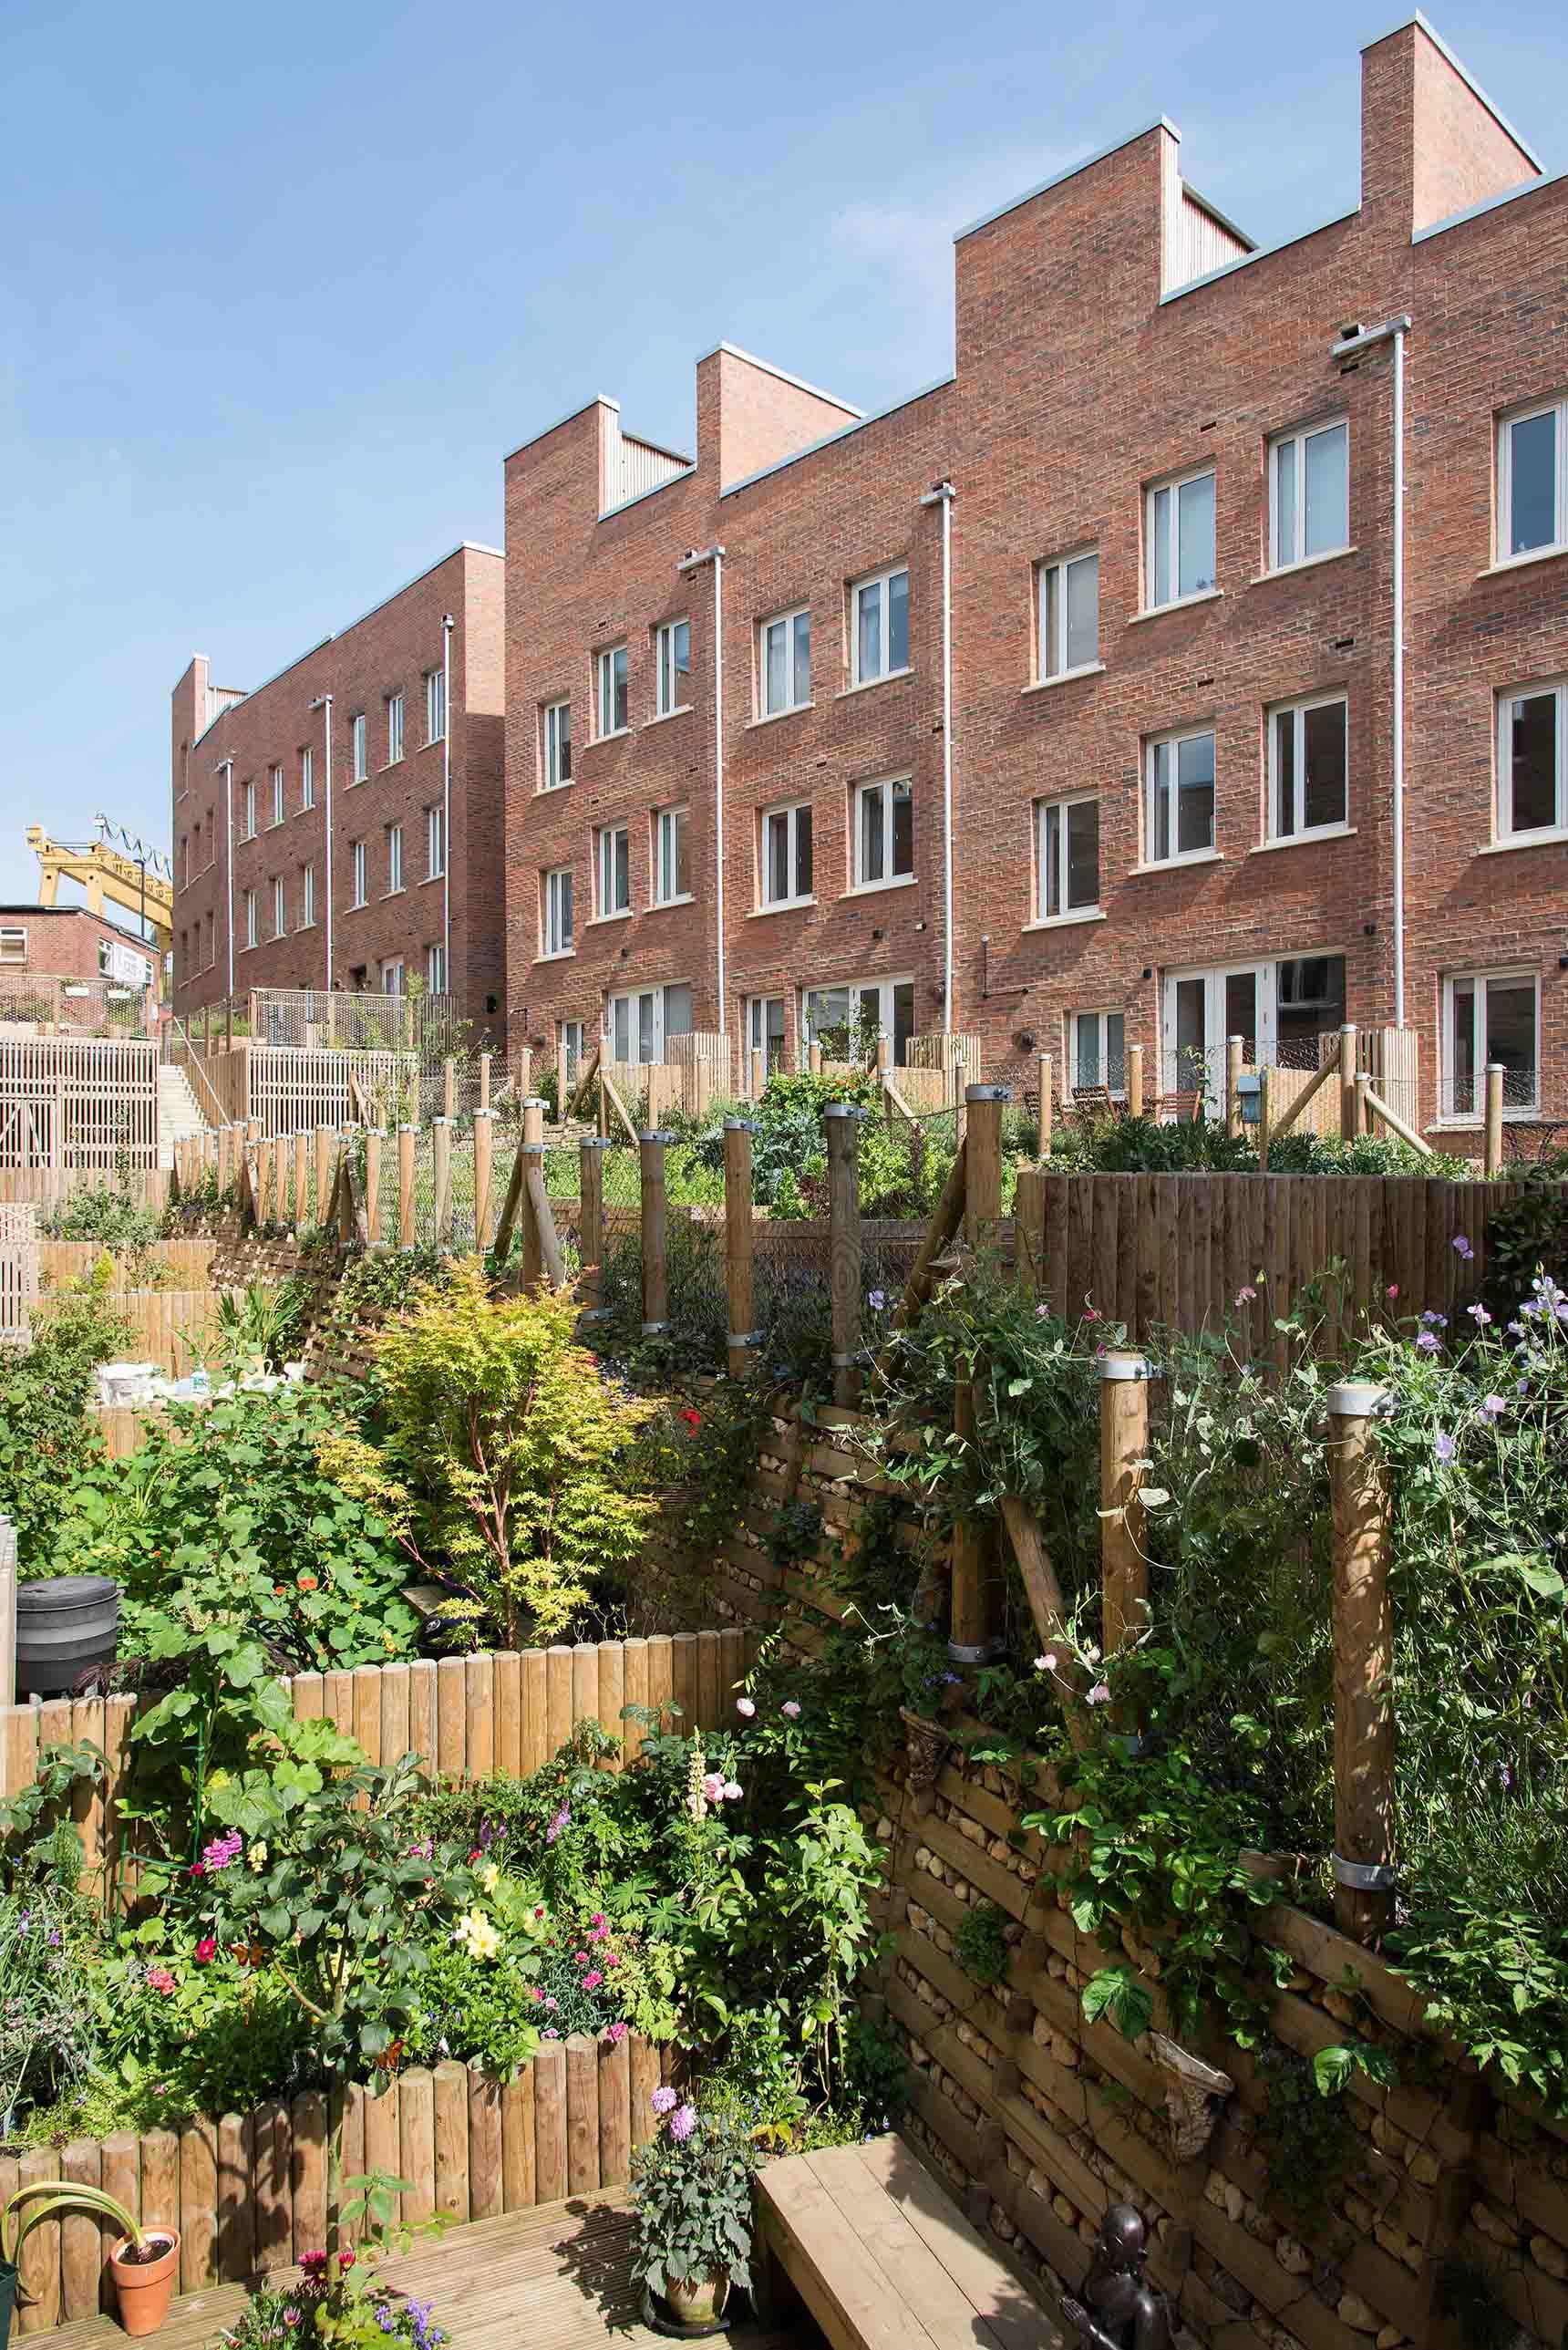 Ash Sakula The Malings Ouseburn Newcastle back garden green allotments